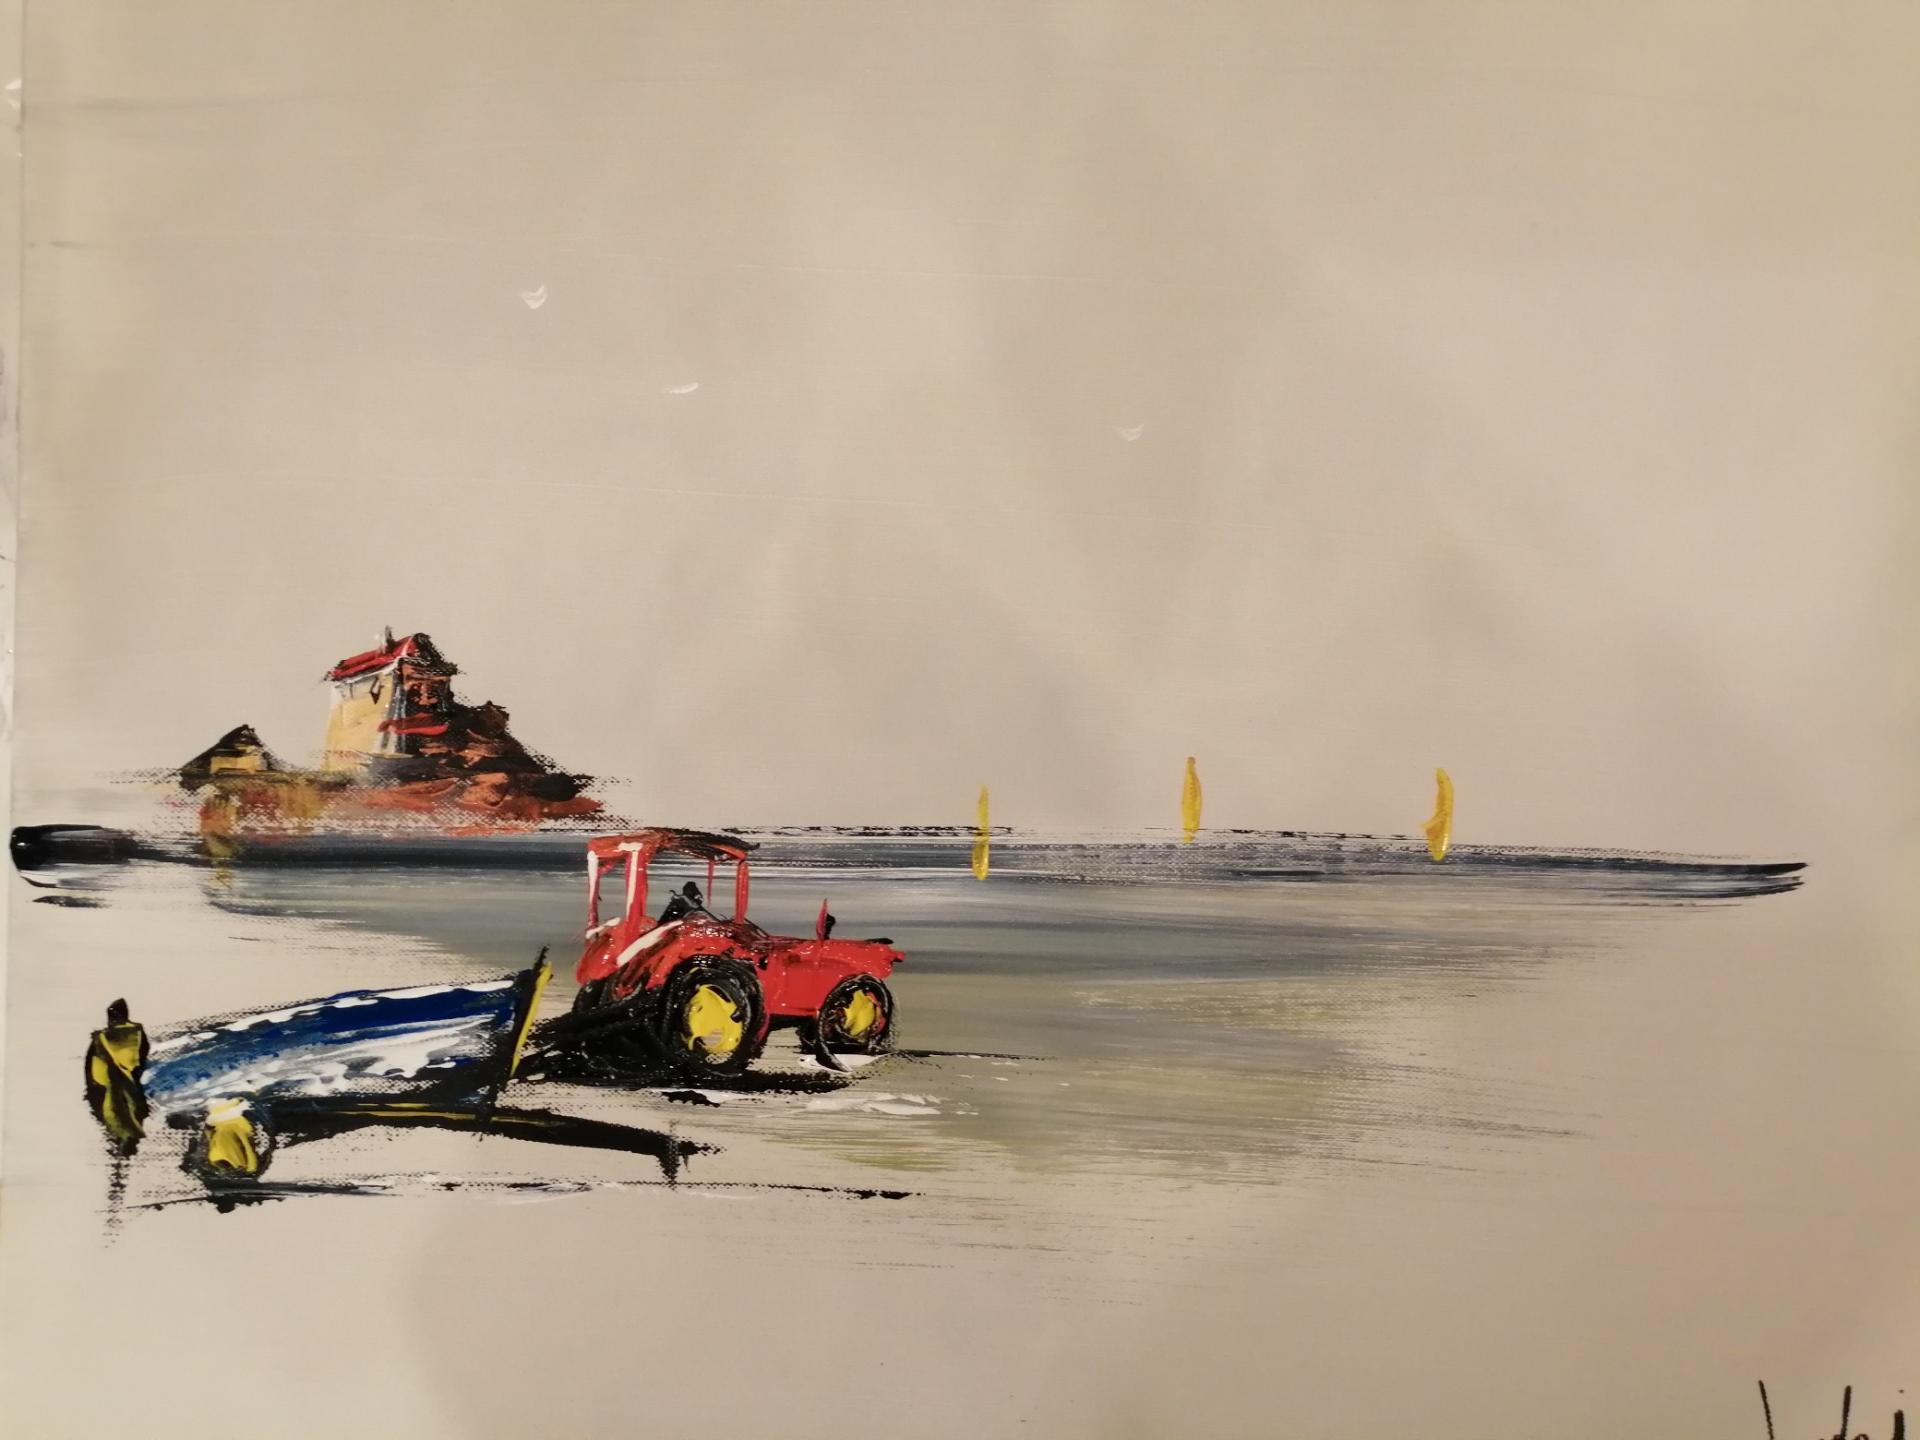 le tracteur apportant le flobart au fort d'Ambleteuse